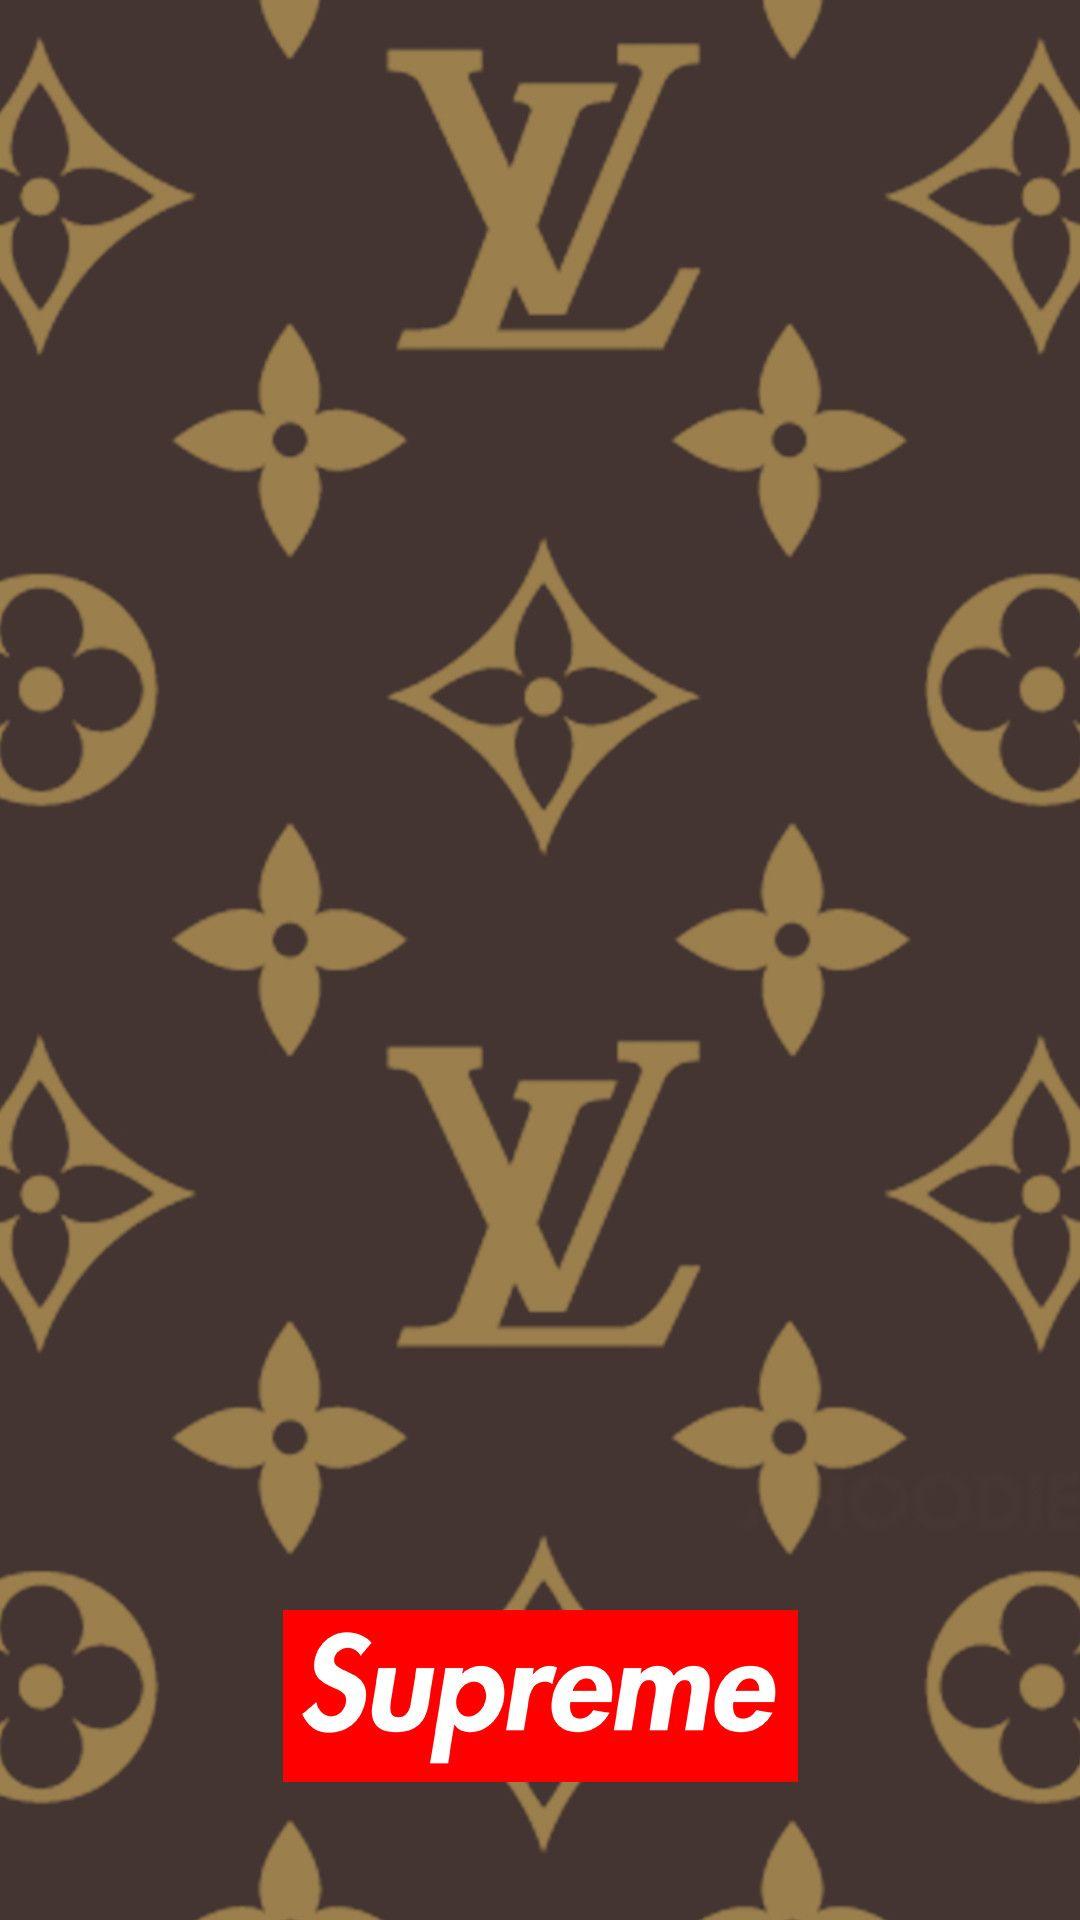 1080x1920 Download Supreme X Louis Vuitton 1080 X 1920 Wallpapers